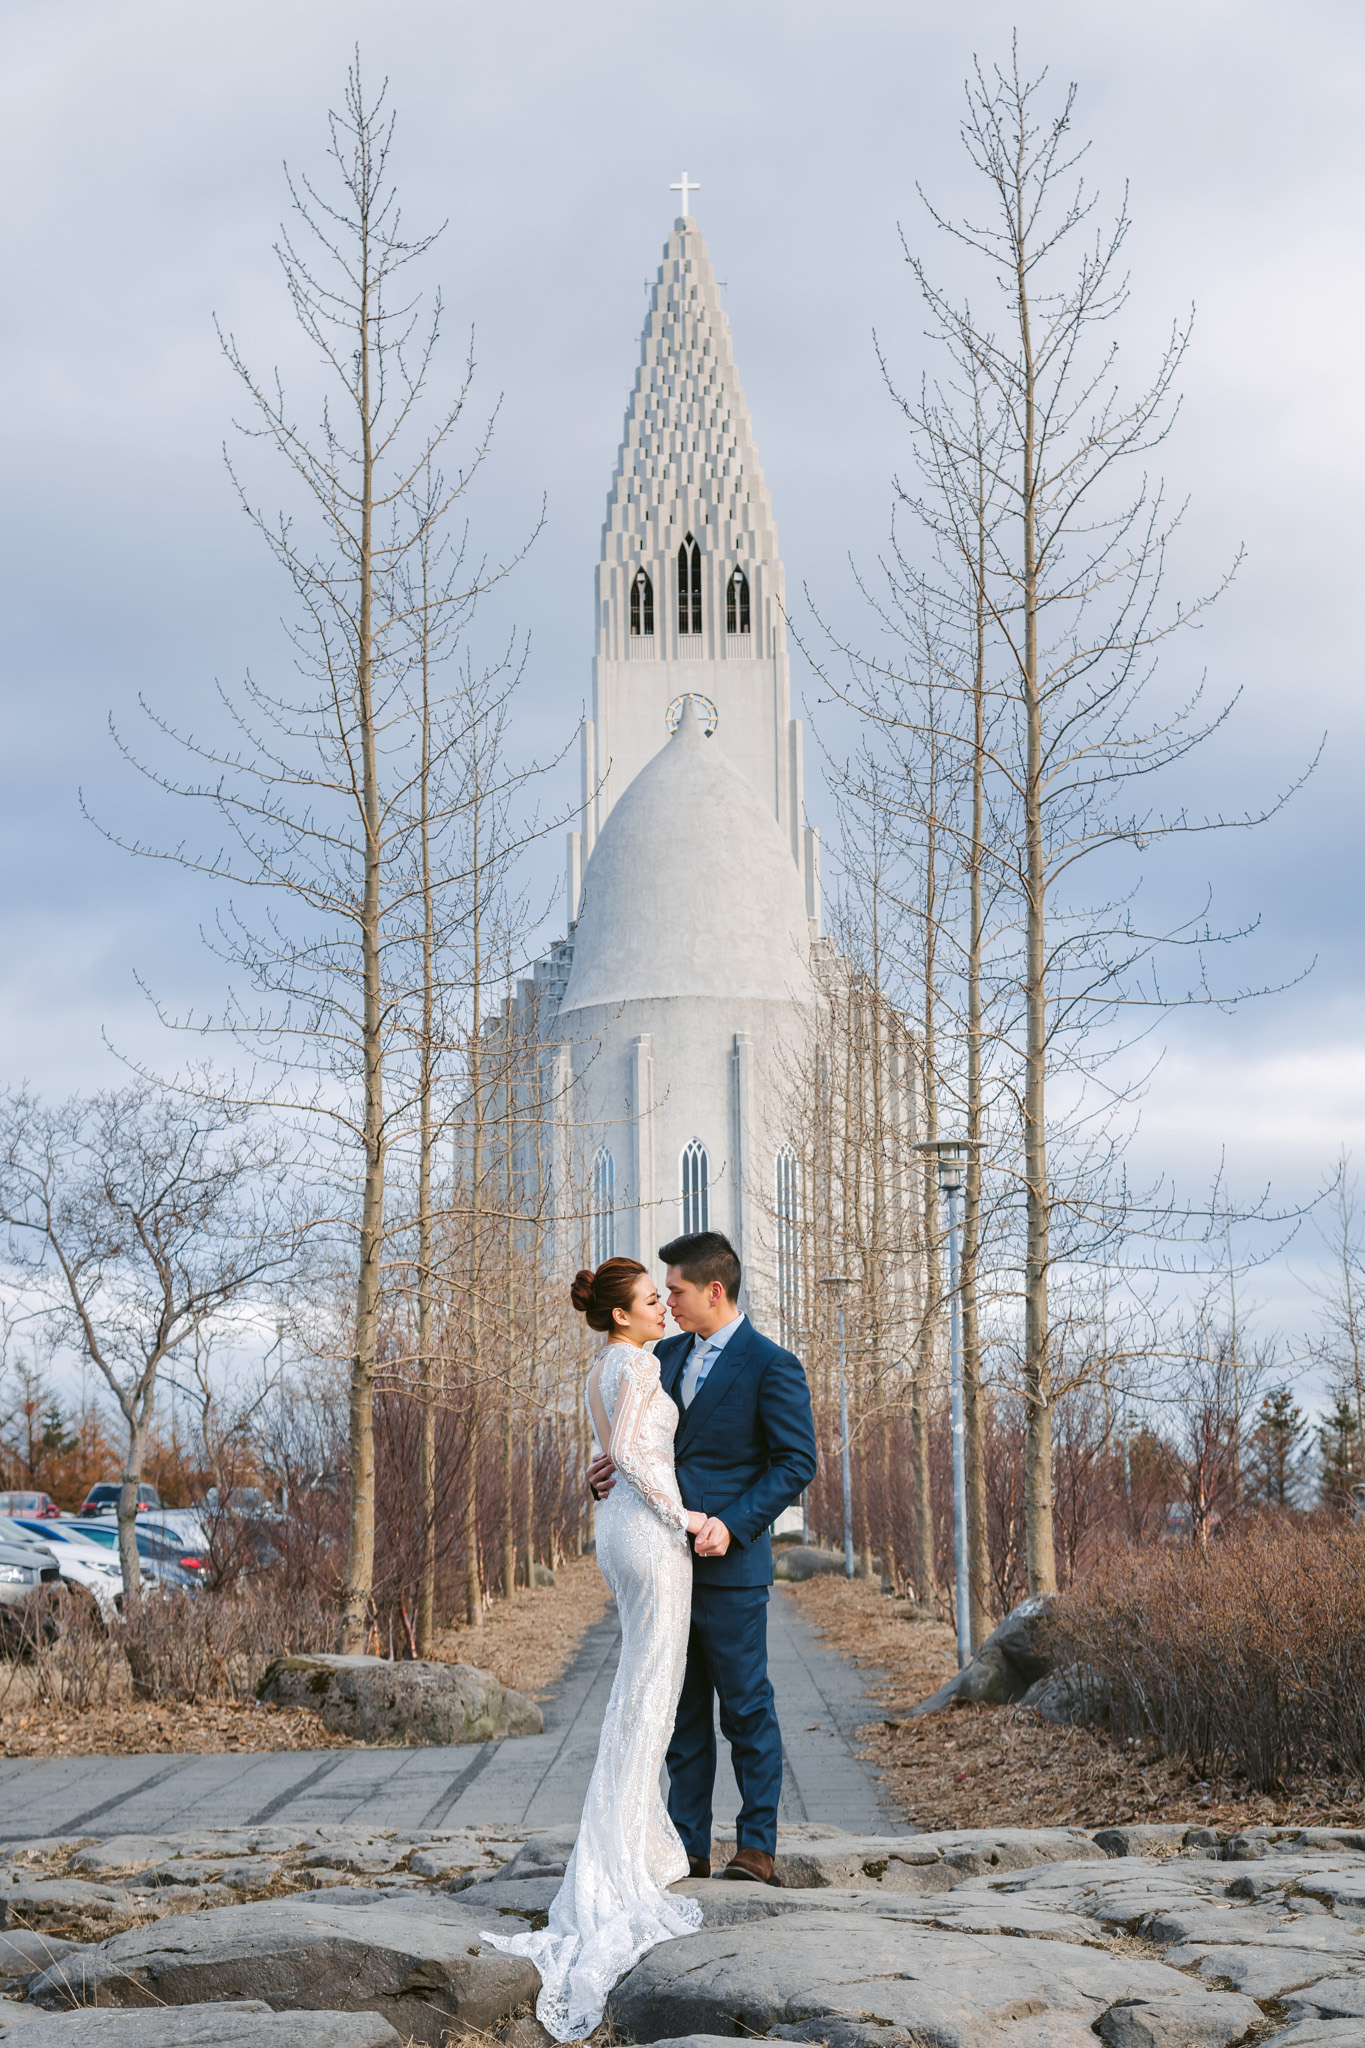 AnthonySophia_Iceland_0104.jpg